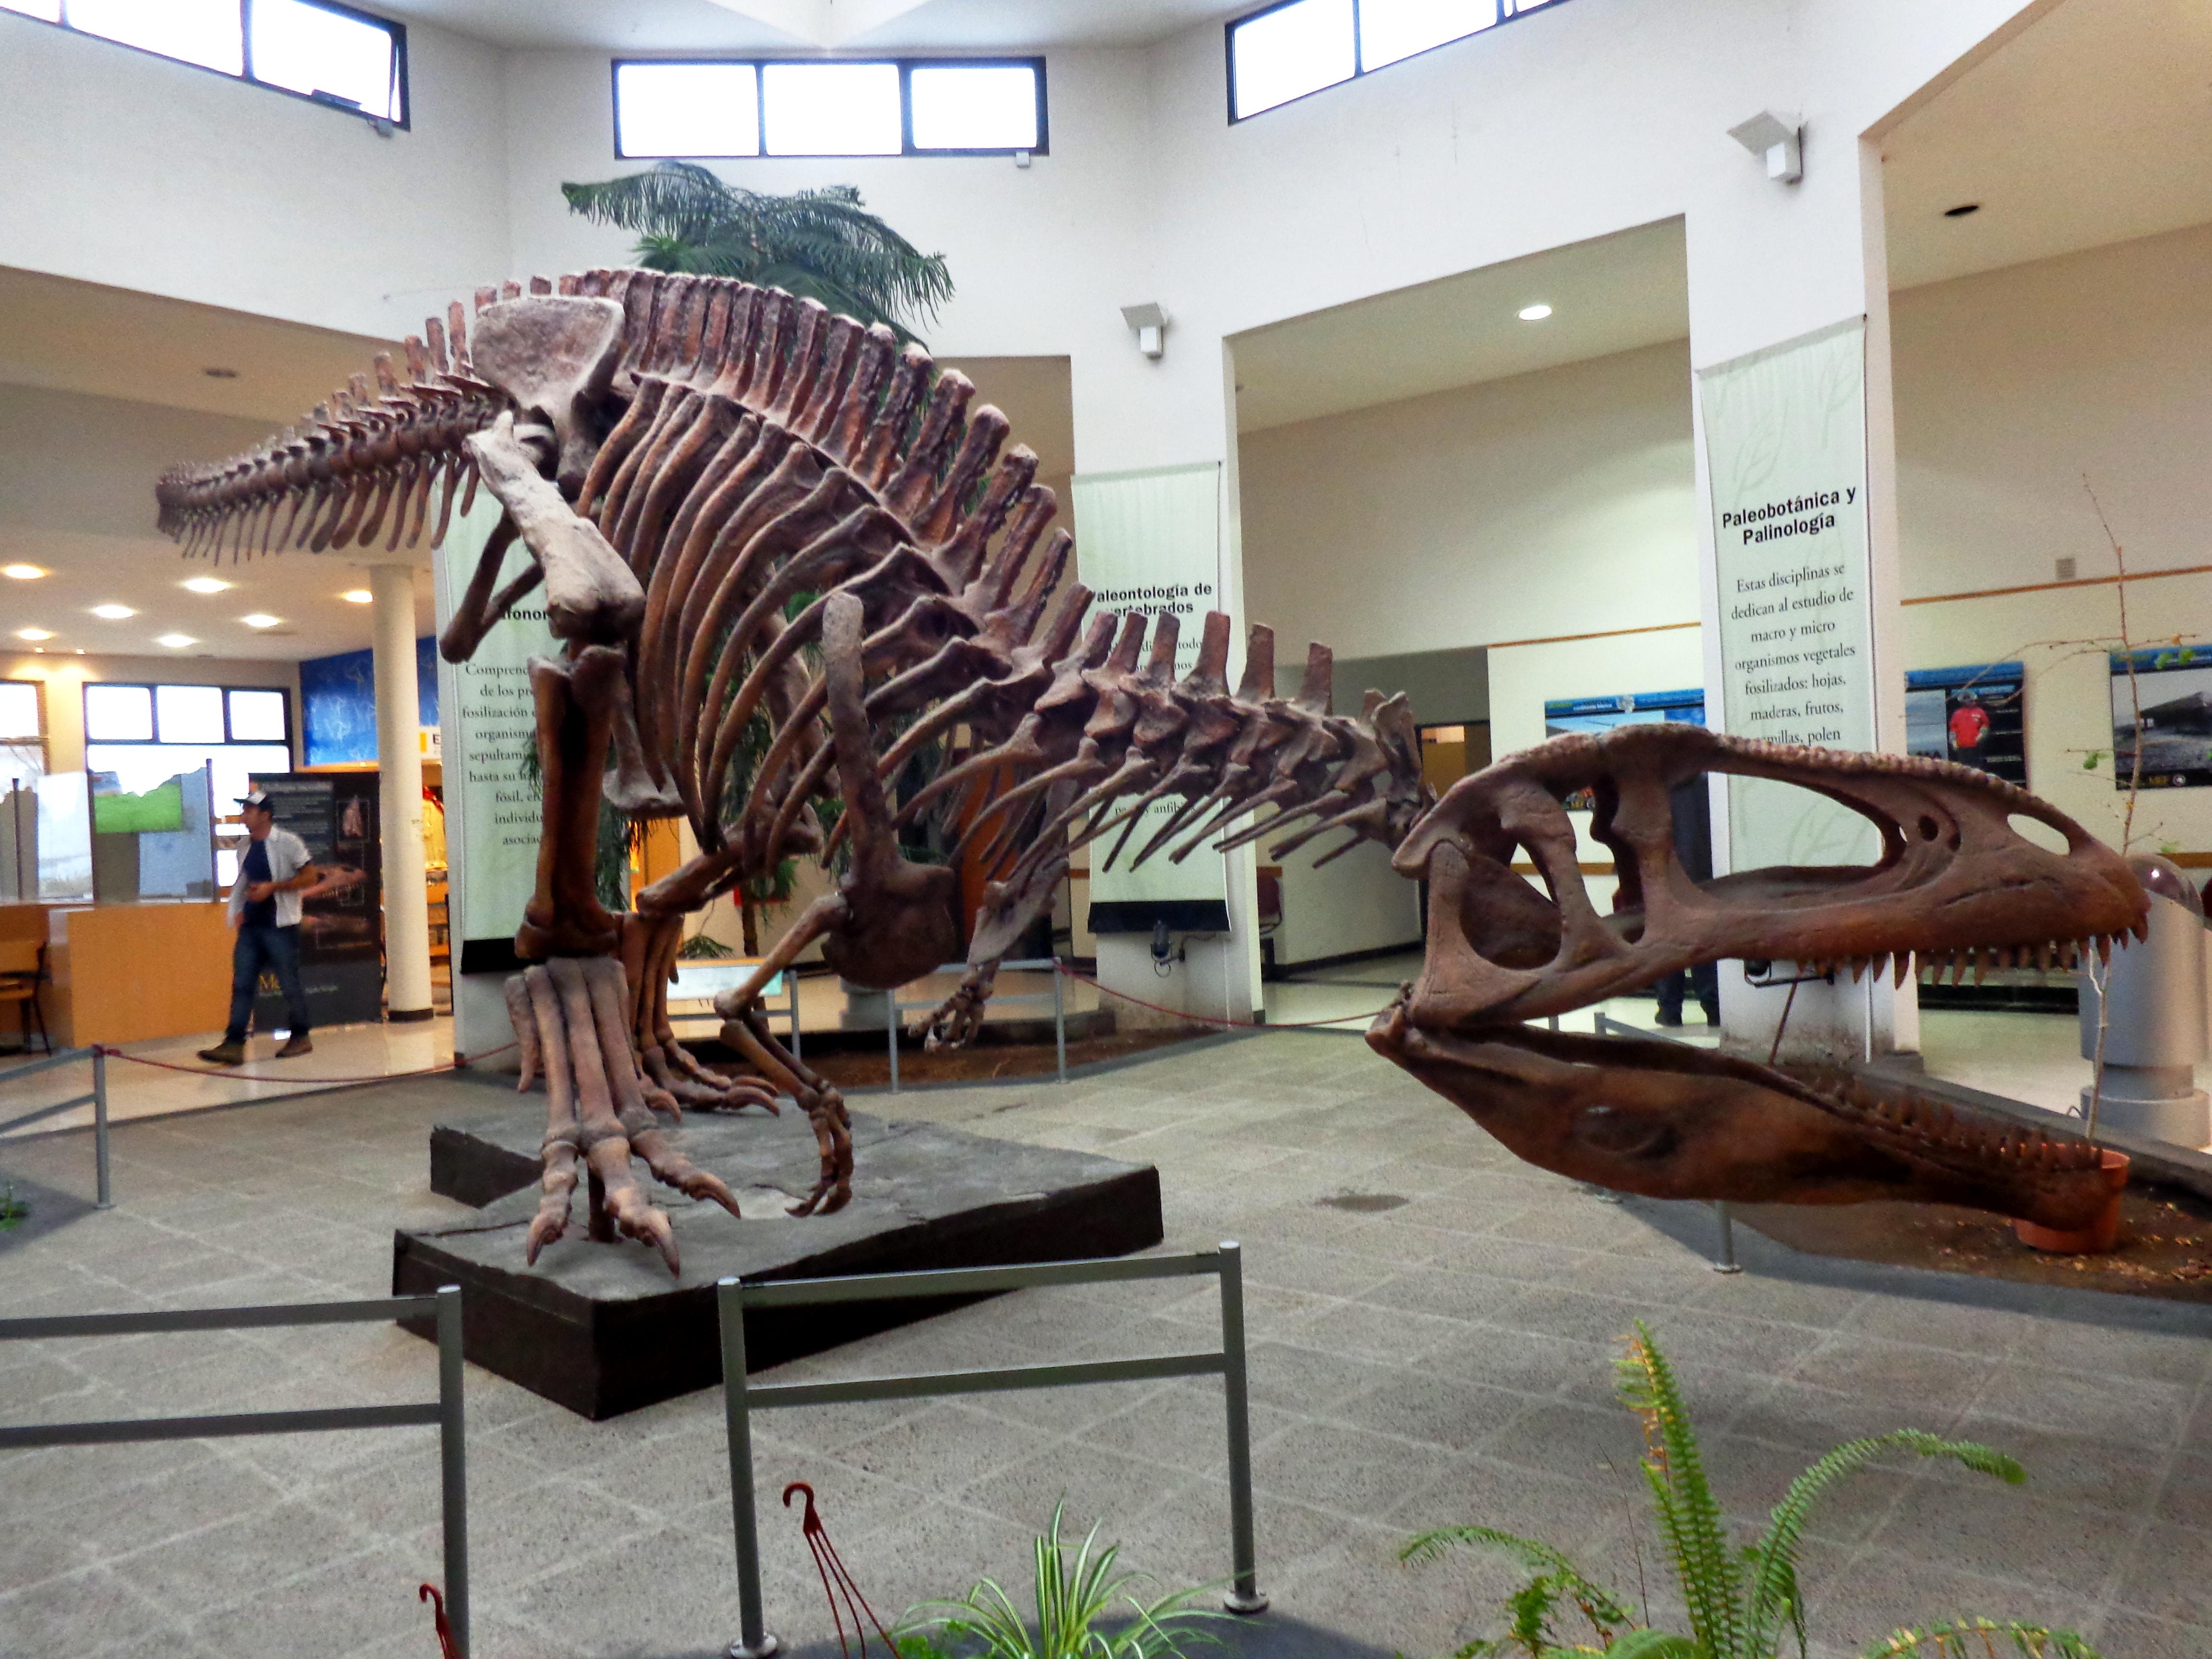 Dans Cette Ville Vous Pourrez Aussi Visiter Le Muse Palontologique O De Nombreuses Rpliques Dinosaures Sont Prsentes Pour En Savoir Plus Sur Trelew